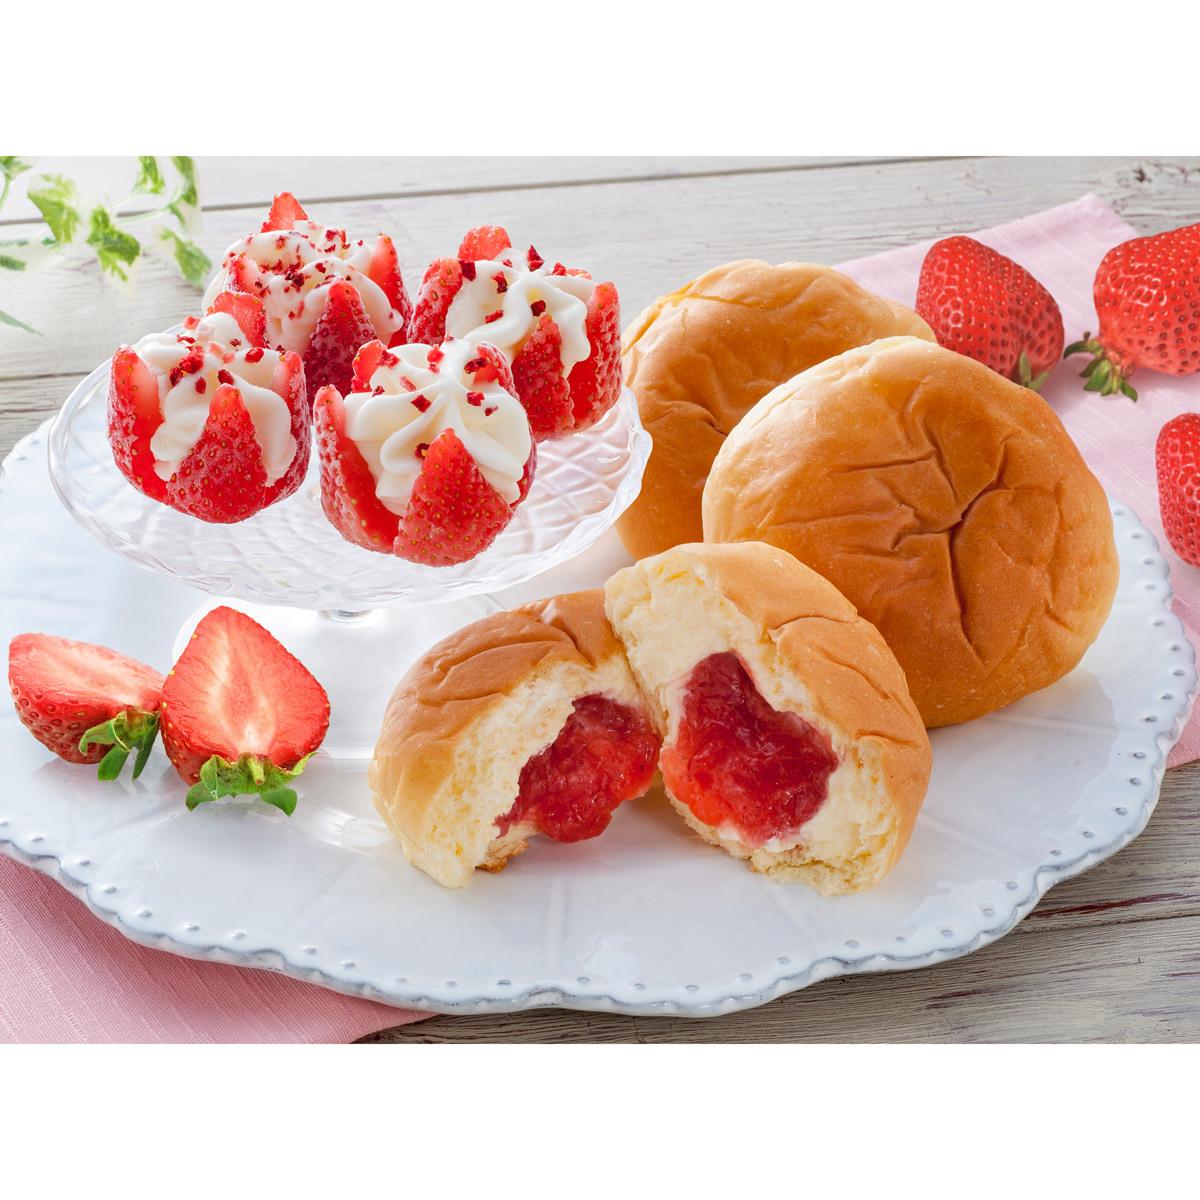 母の日 博多あまおう花いちごのアイス&八天堂あまおうくりーむパン 〔全2種計7個 カーネーション付(造花)〕 アイスクリーム 菓子パン